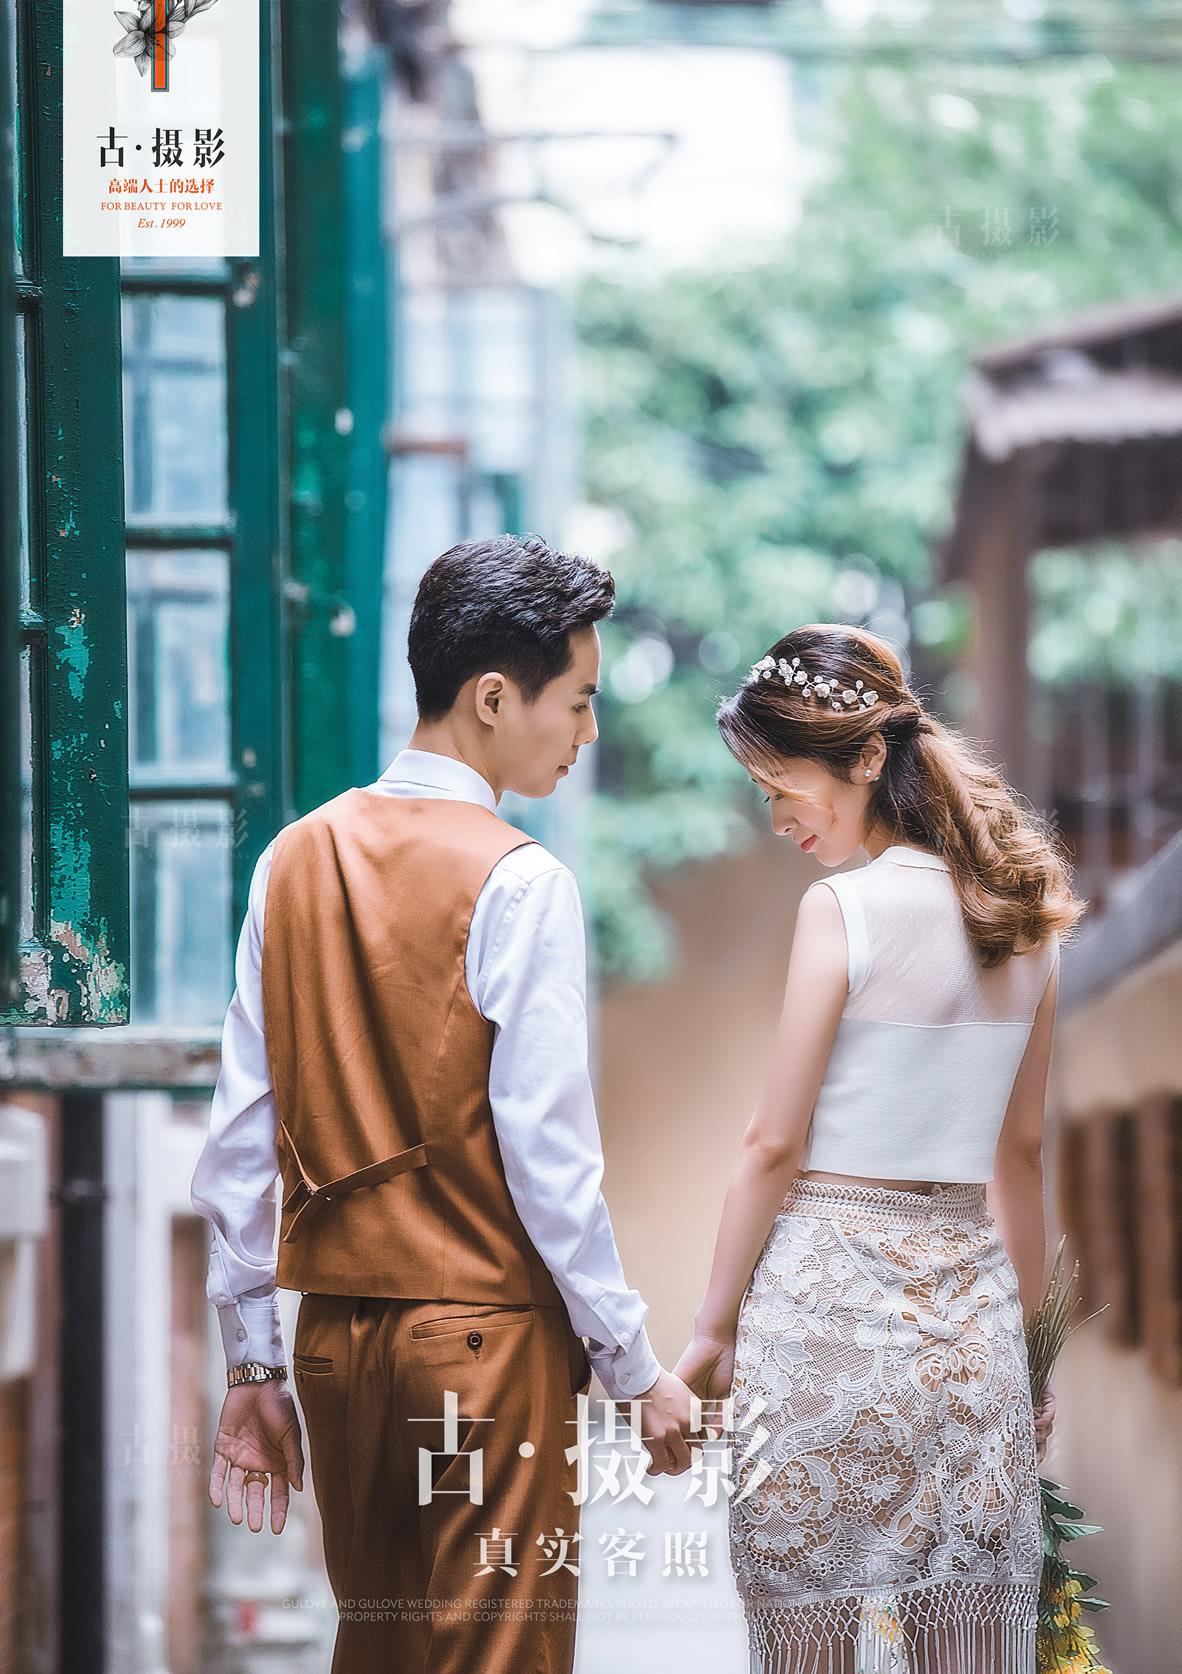 5月17日客片张先生 龙小姐 - 每日客照 - 广州婚纱摄影-广州古摄影官网